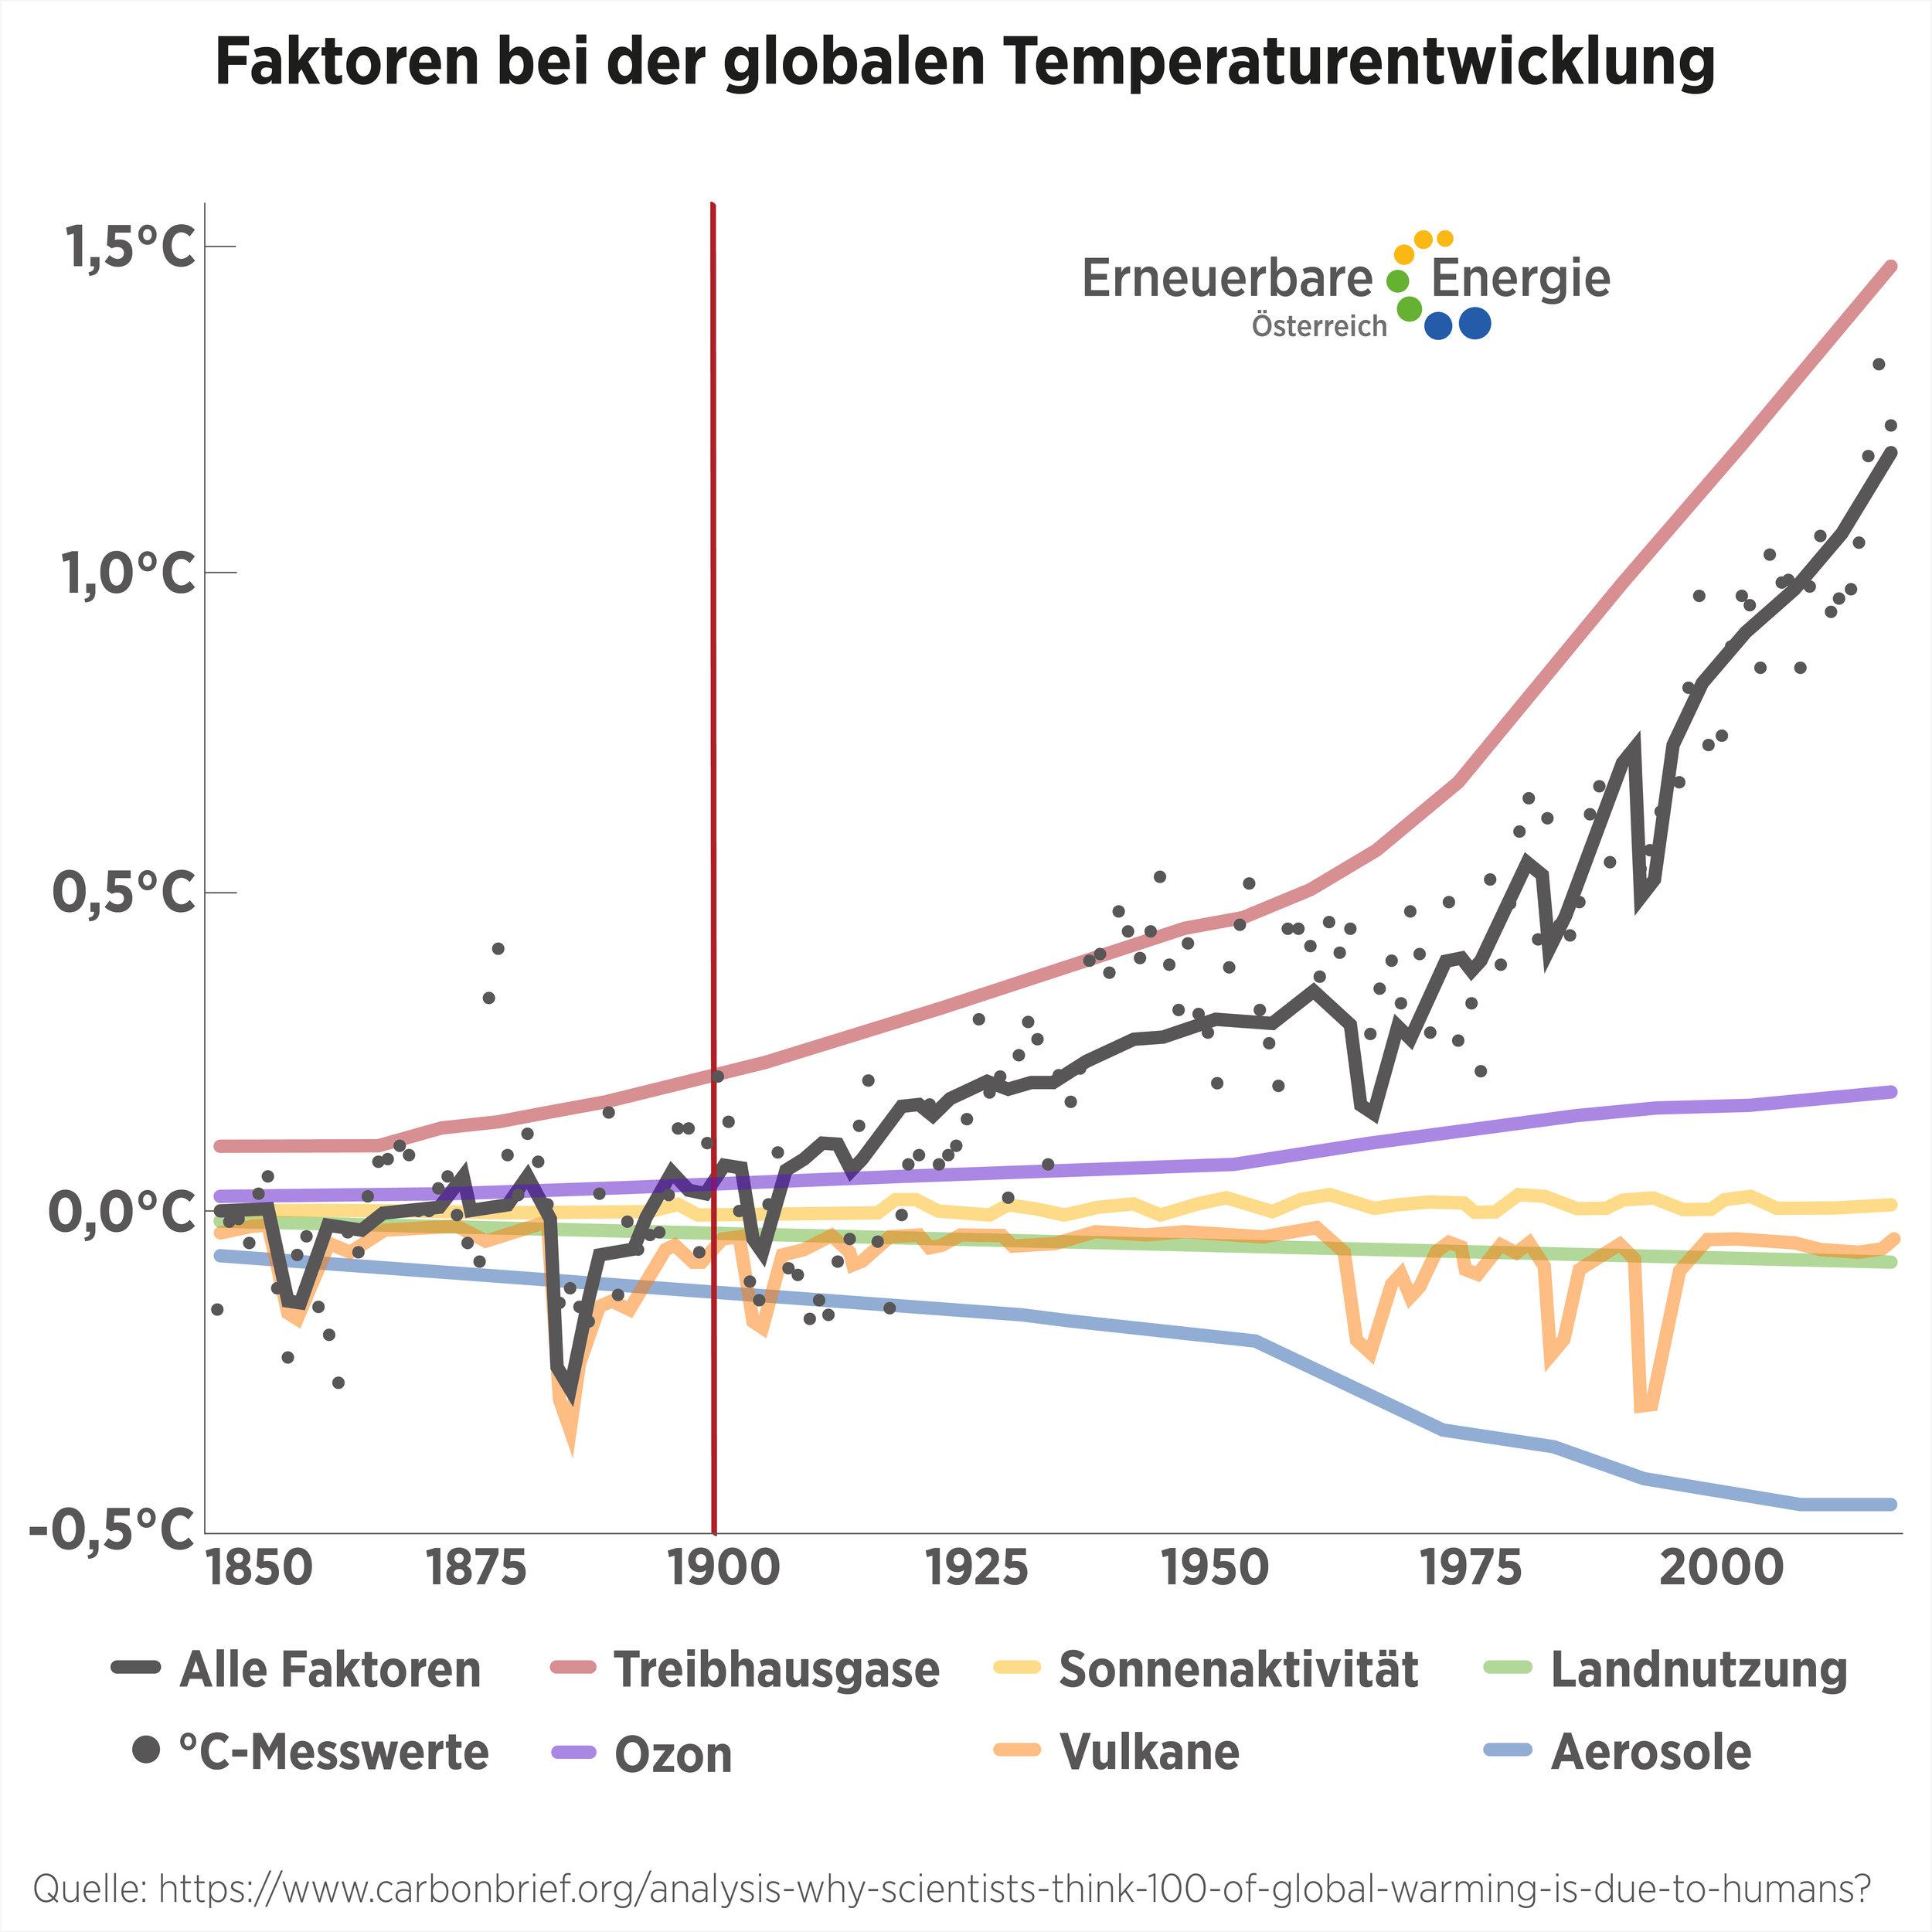 Faktoren bei der globalen Temperaturentwicklung  ©Erneuerbare Energie Österreich Uneingeschränkte Nutzung honorarfrei bei Nennung des Urhebers.